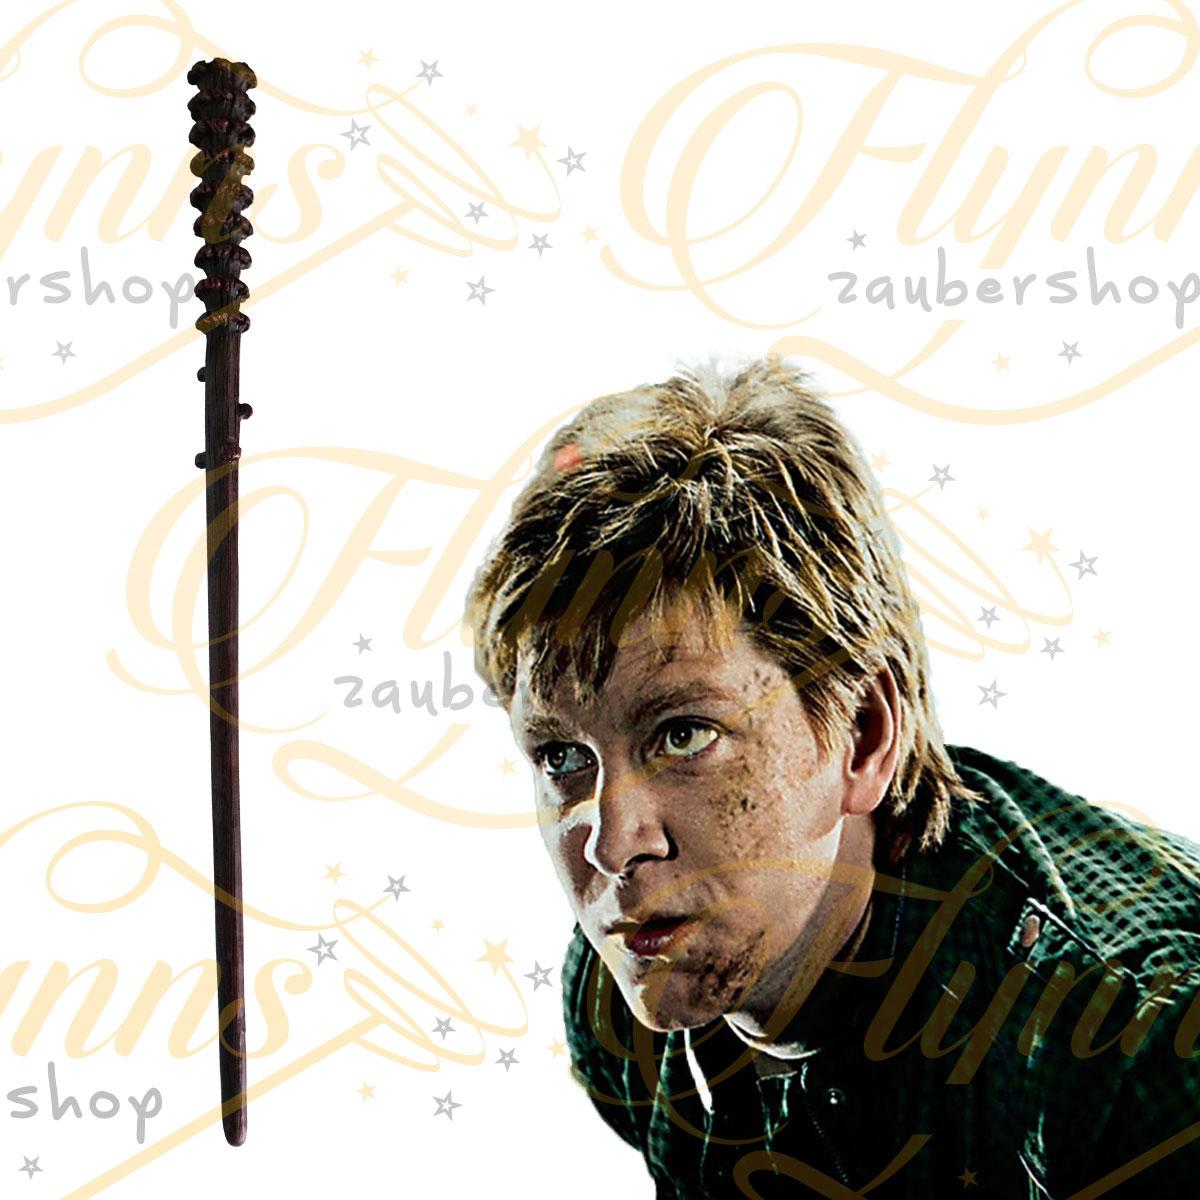 Fred Weasley   Harry Potter   Flynns Zaubershop